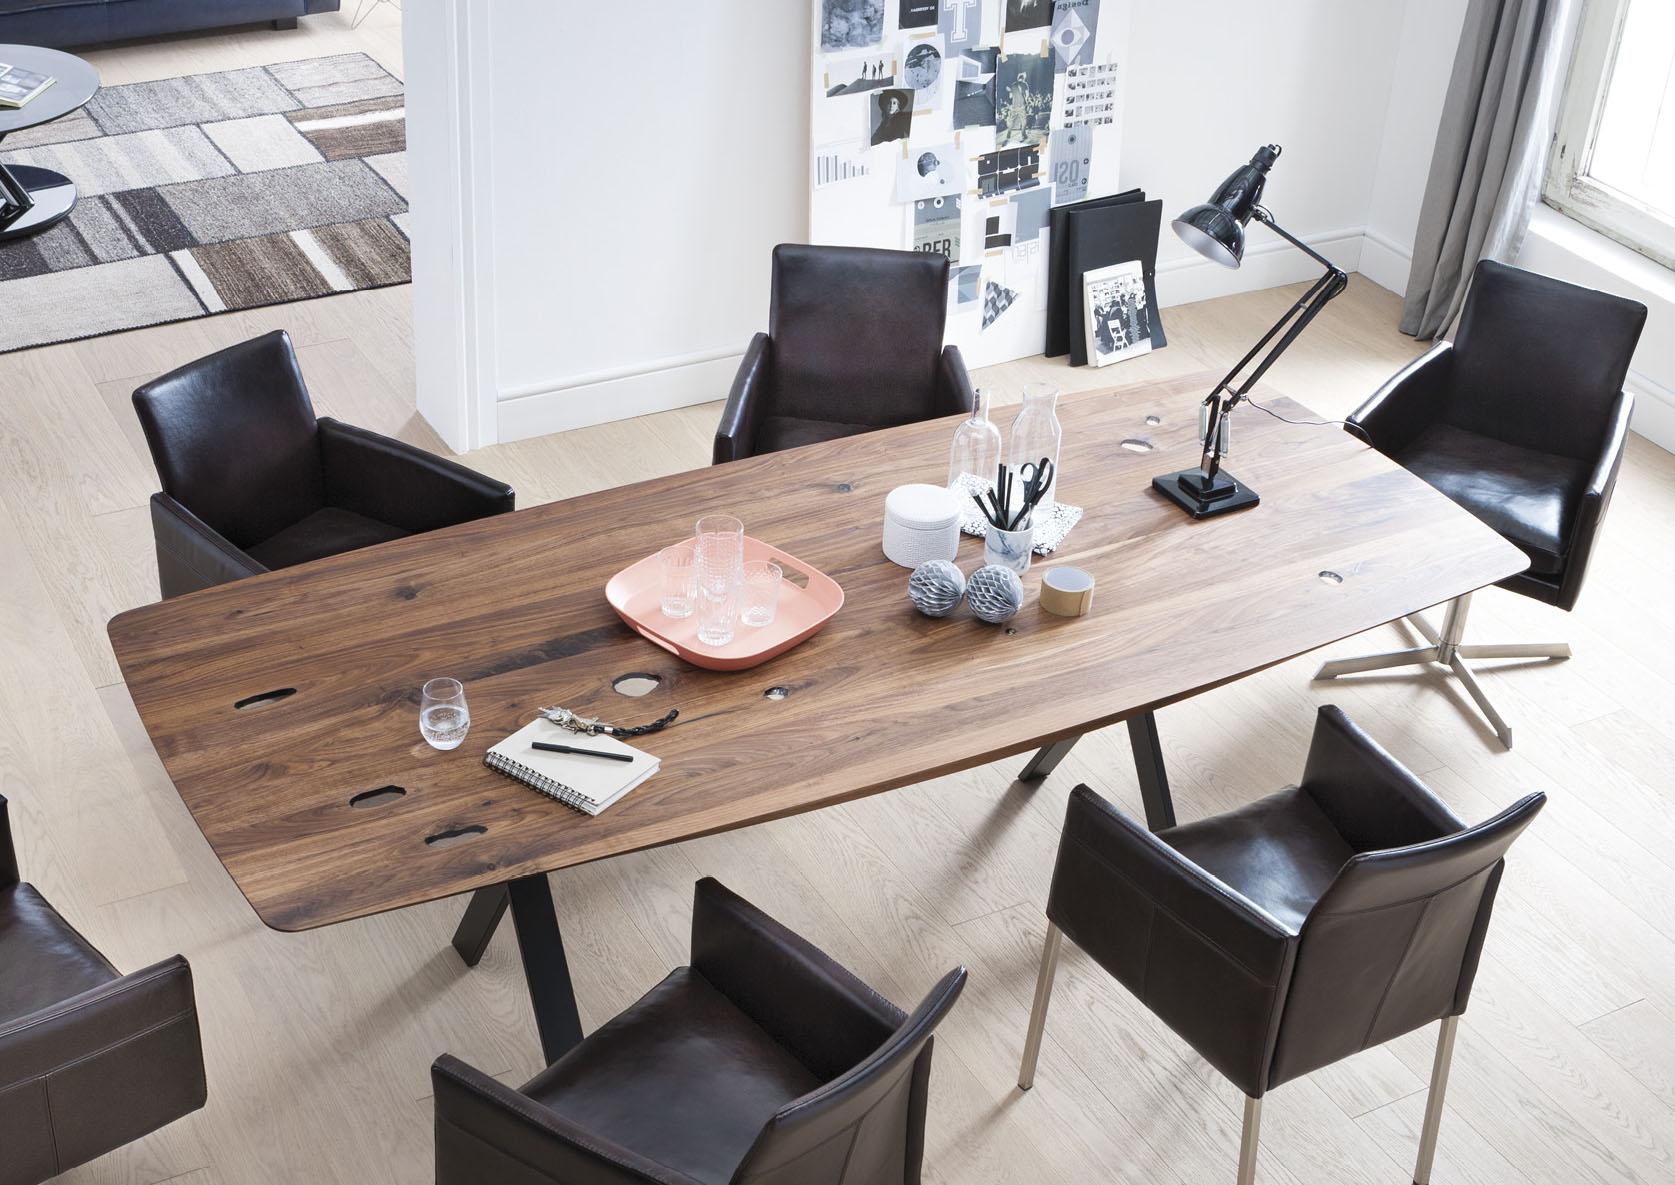 tische m bel sundermann gmbh co kg in lengerich. Black Bedroom Furniture Sets. Home Design Ideas